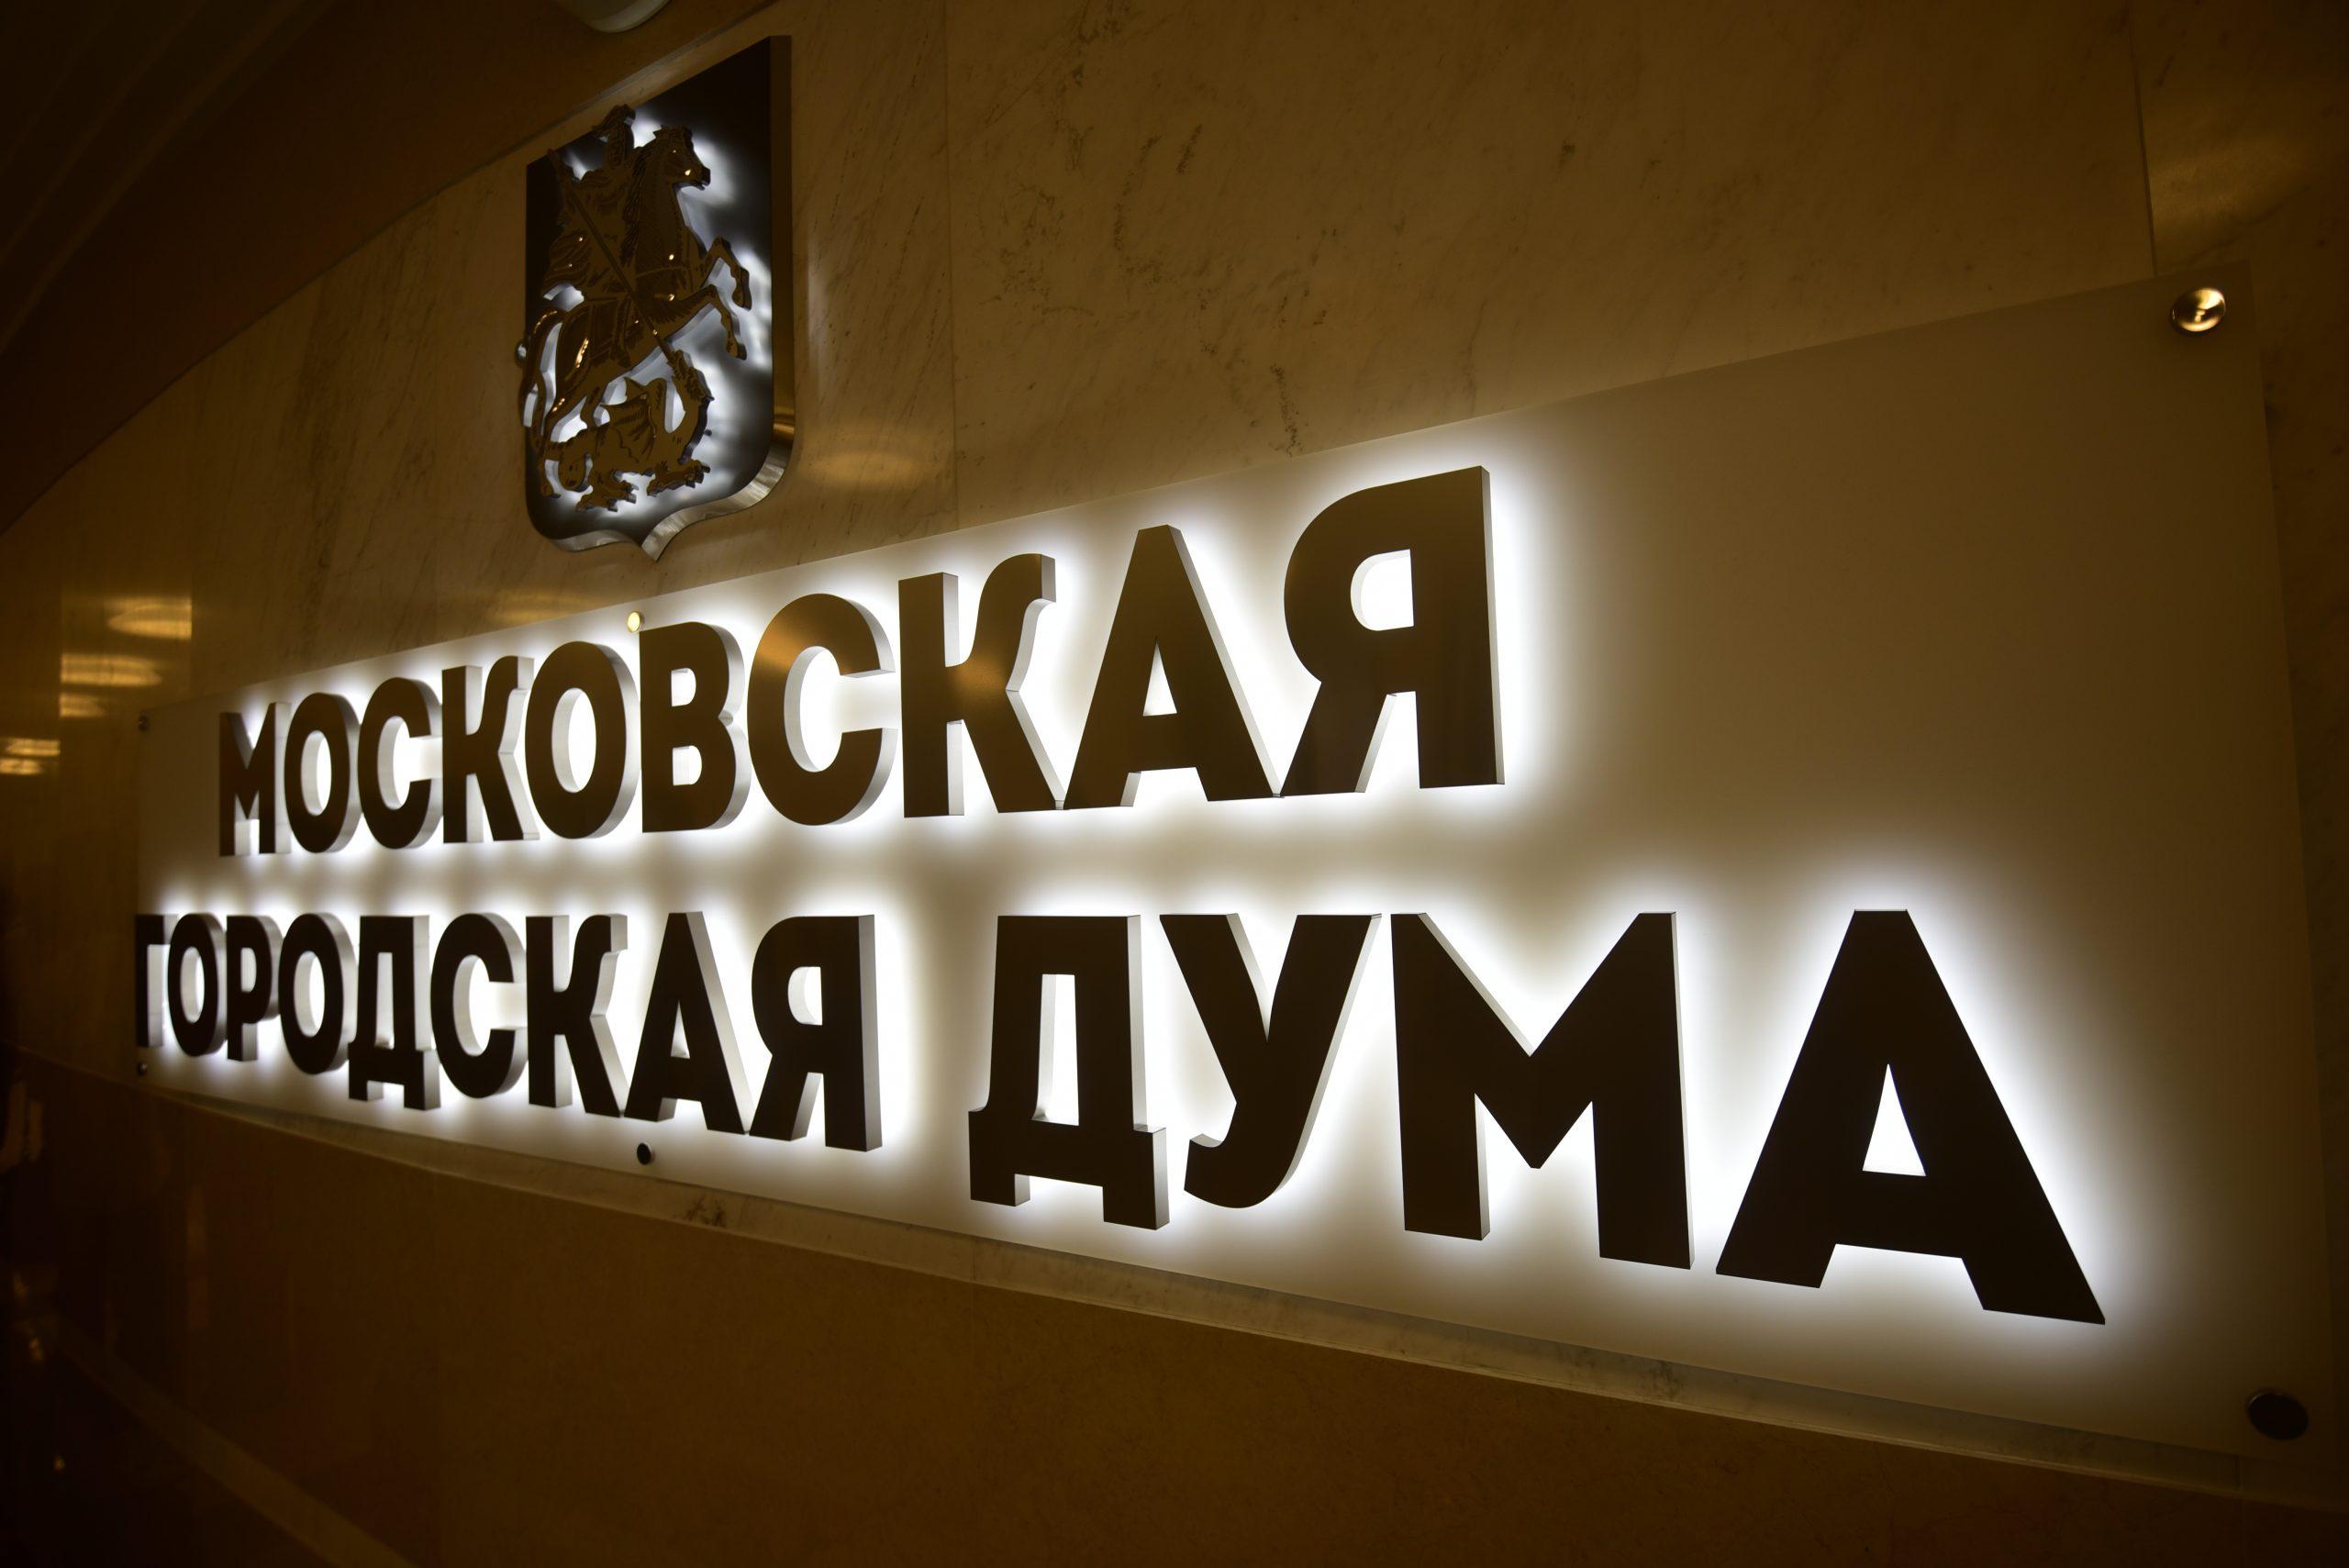 Депутат Мосгордумы Николаева: В 2021 году Москва сохранит темпы обновления сетевого хозяйства                                                                               . Фото: Антон Гердо, «Вечерняя Москва»